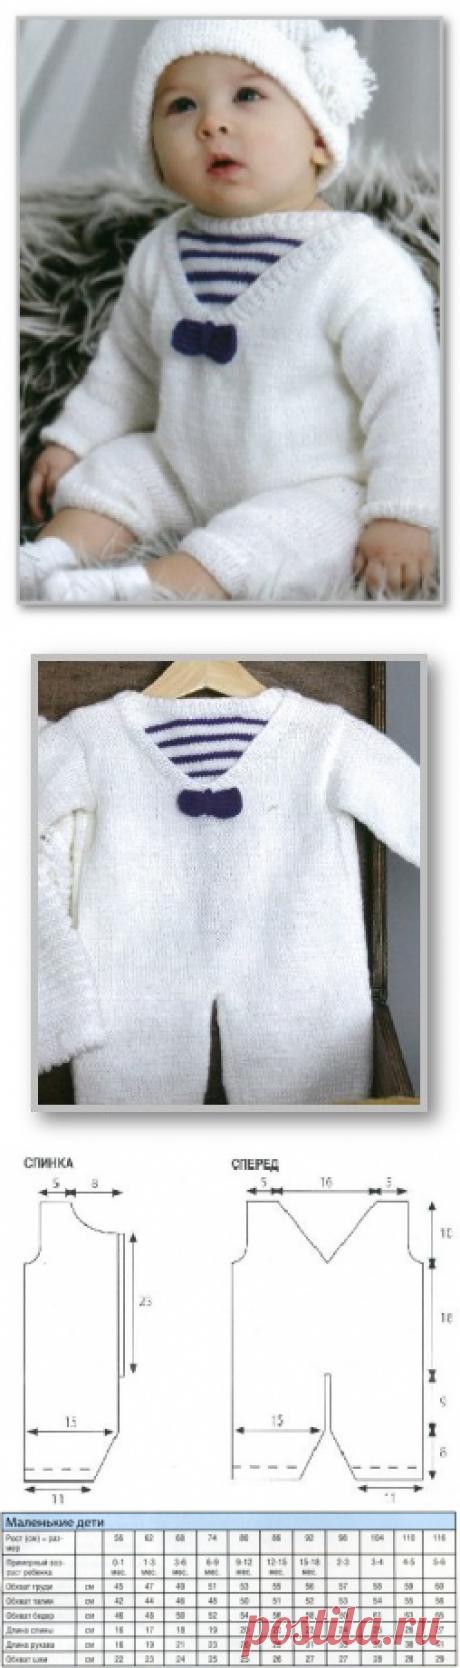 Вязание спицами детям от 0 до 3 лет. Описание детской модели со схемой и выкройкой. Комбинезон в морском стиле; на 3-6 месяцев